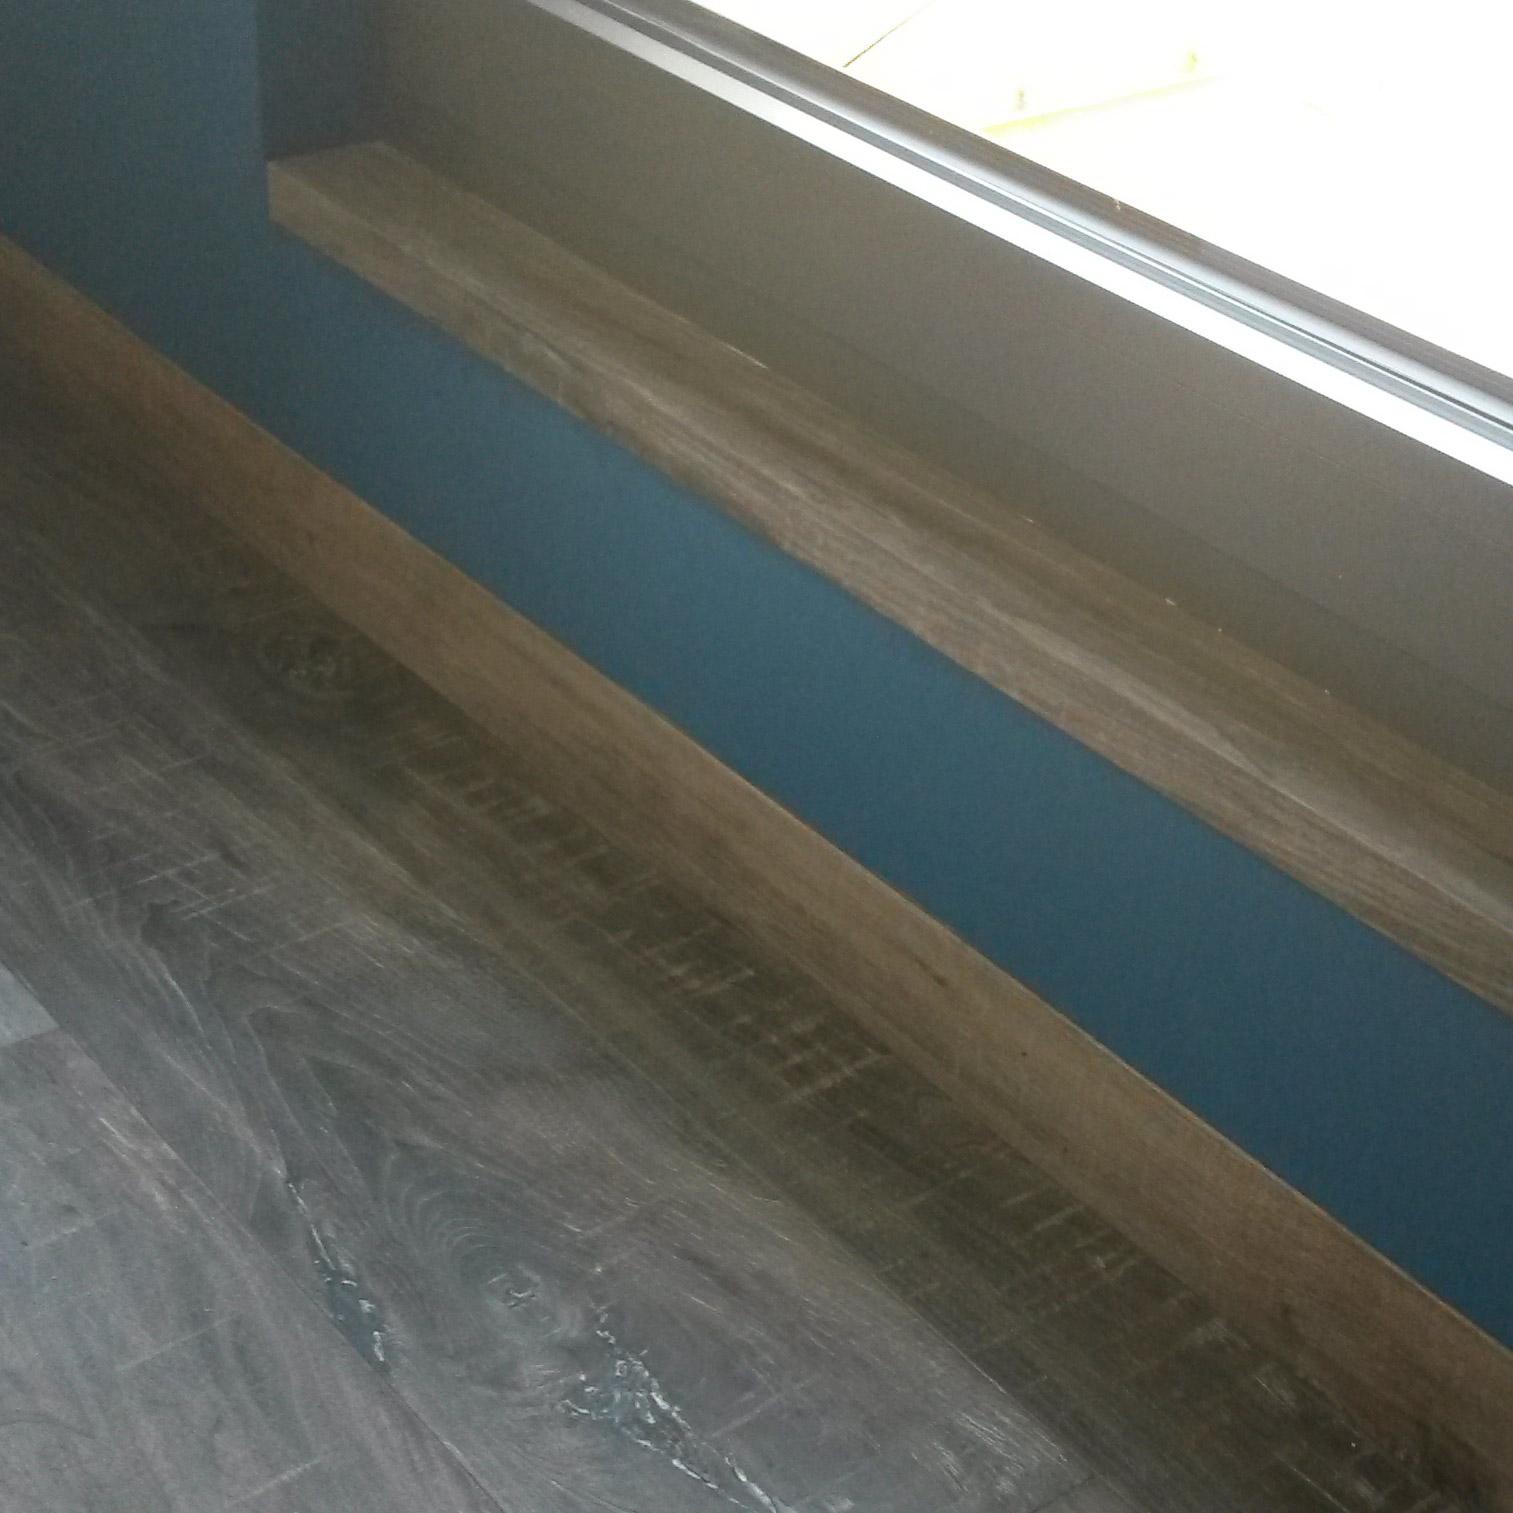 Ahorn Parkett Übergang Fenster | Referenzen | marx Holzhandel bei Offenburg